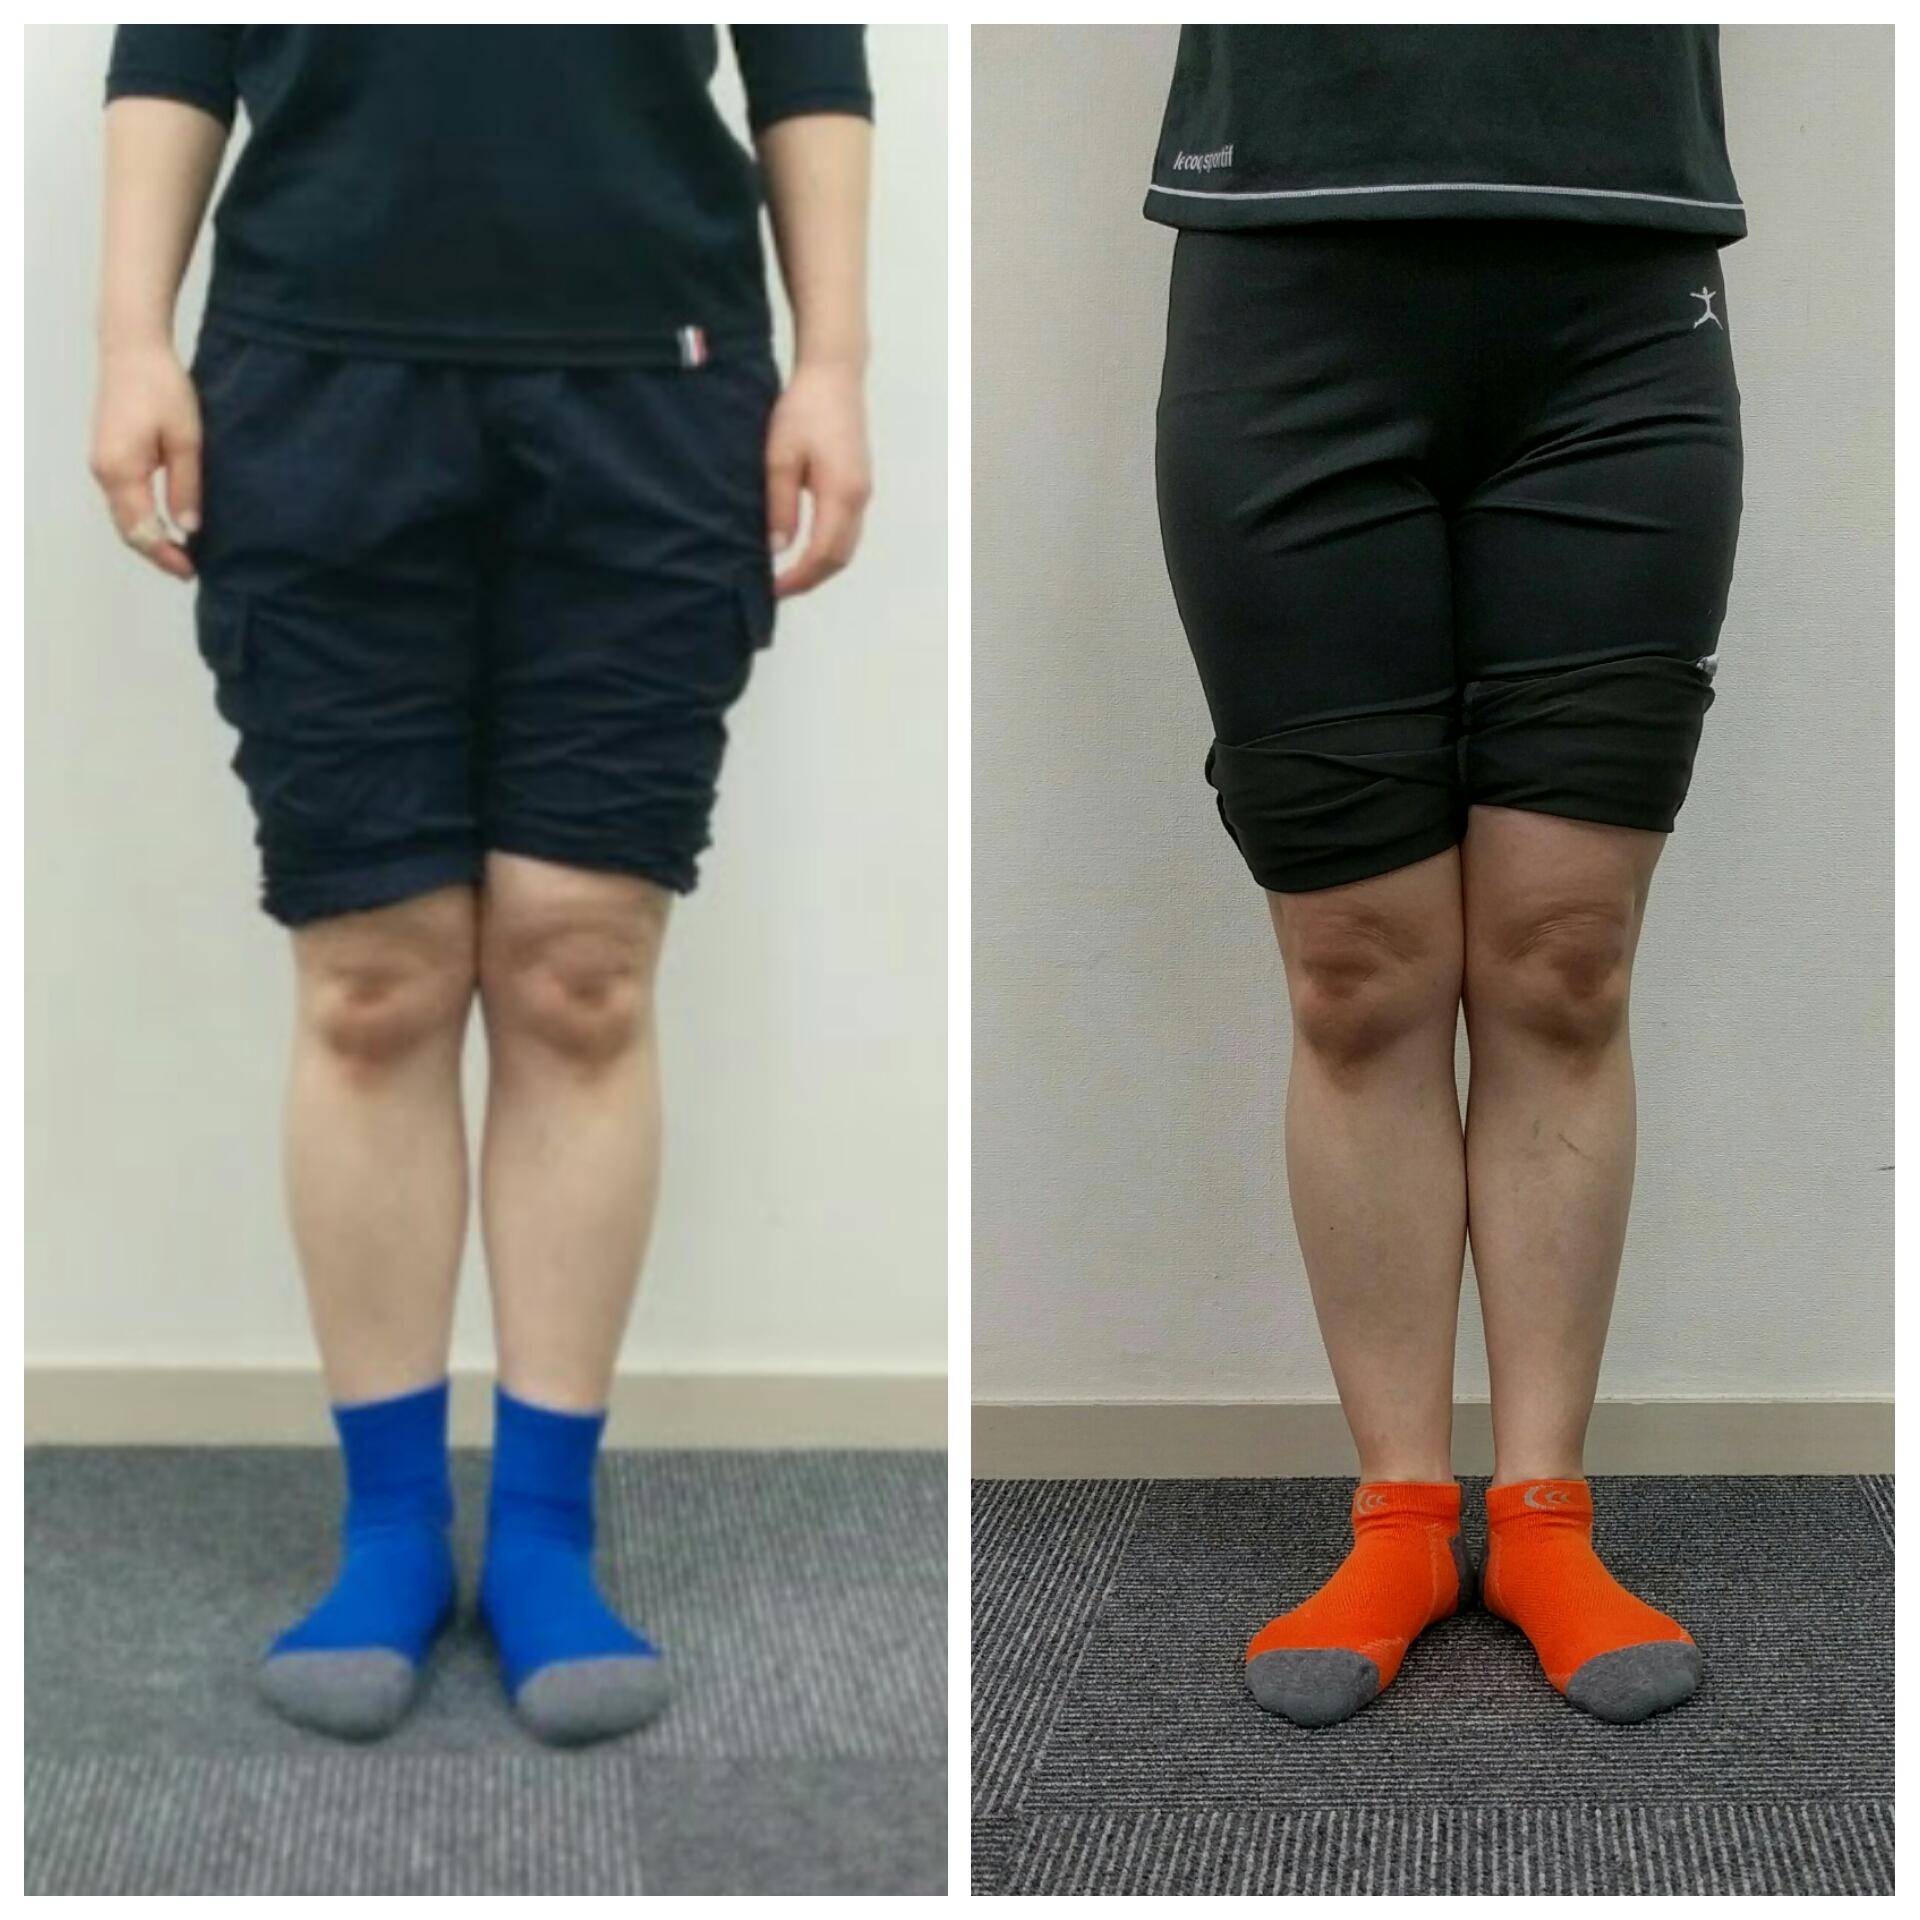 筋トレやめたら脚が細くなりました。